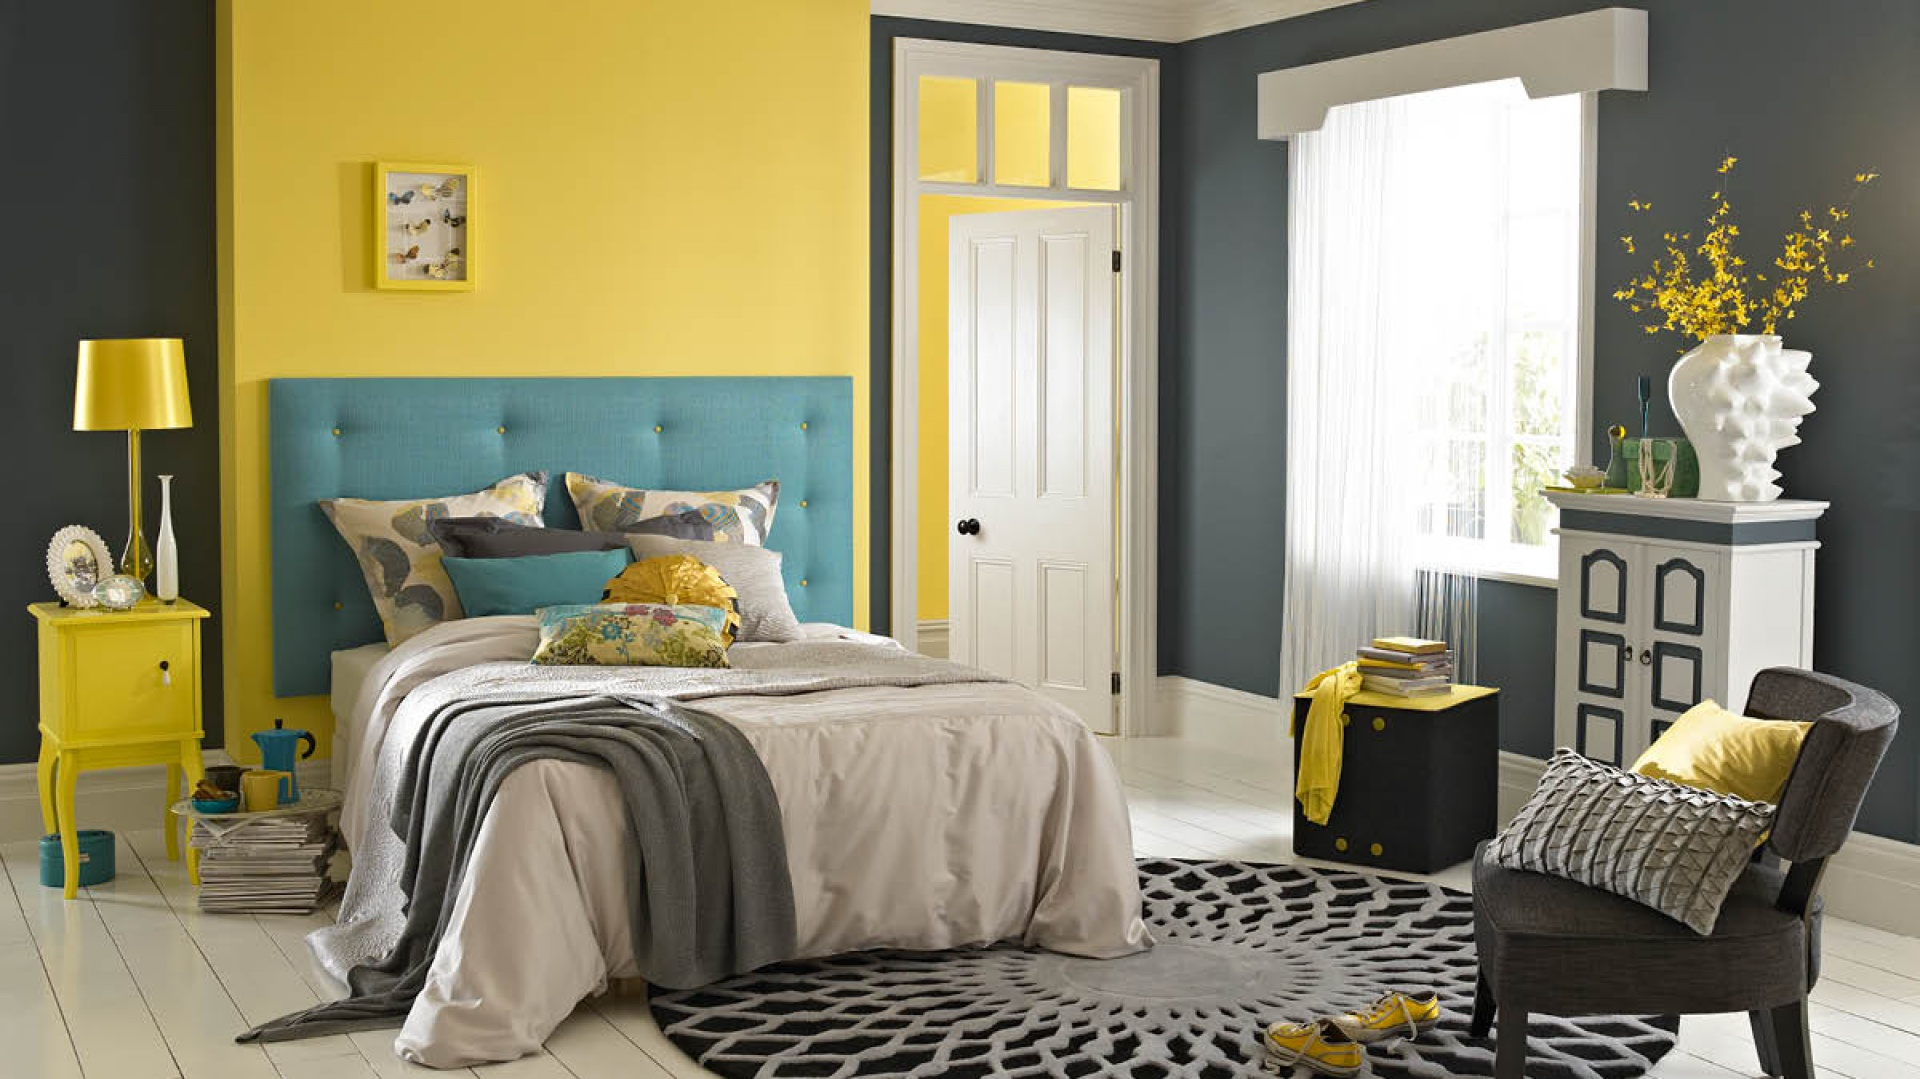 Jeśli nie chcemy w sypialni stosować pstrokatych wzorów, a zależy nam na wyeksponowaniu łóżka przy ścianie, pomalujmy jedną z nich na inny kolor. To niezawodny sposób na oryginalną sypialnię. Fot. Dulux